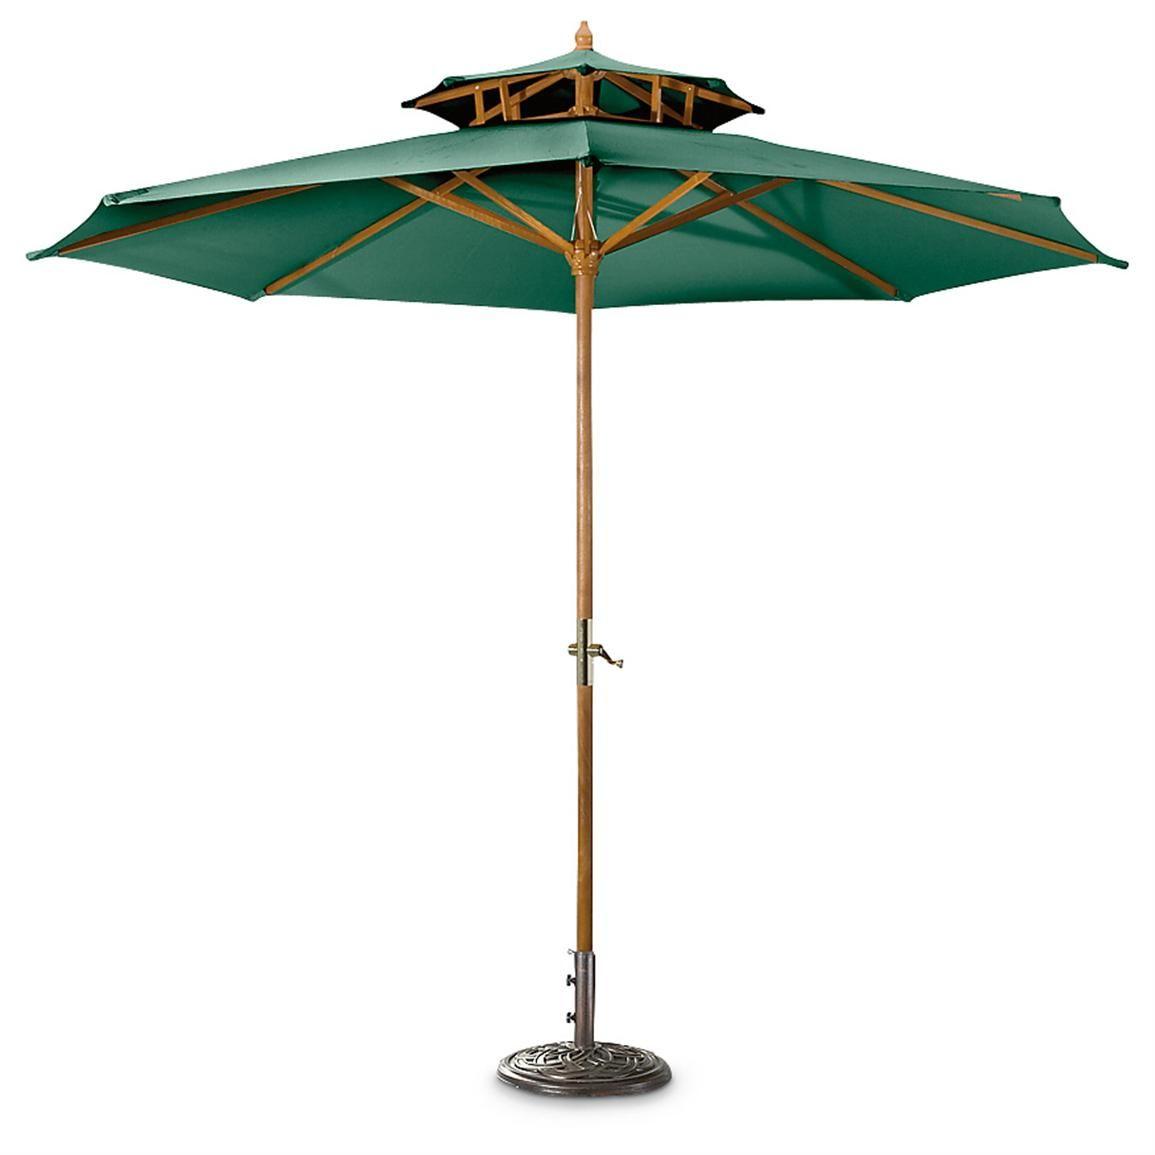 Castlecreek 10 Ft Market Umbrella Hunter Green 60 Market Umbrella Patio Umbrella Patio What is a market umbrella